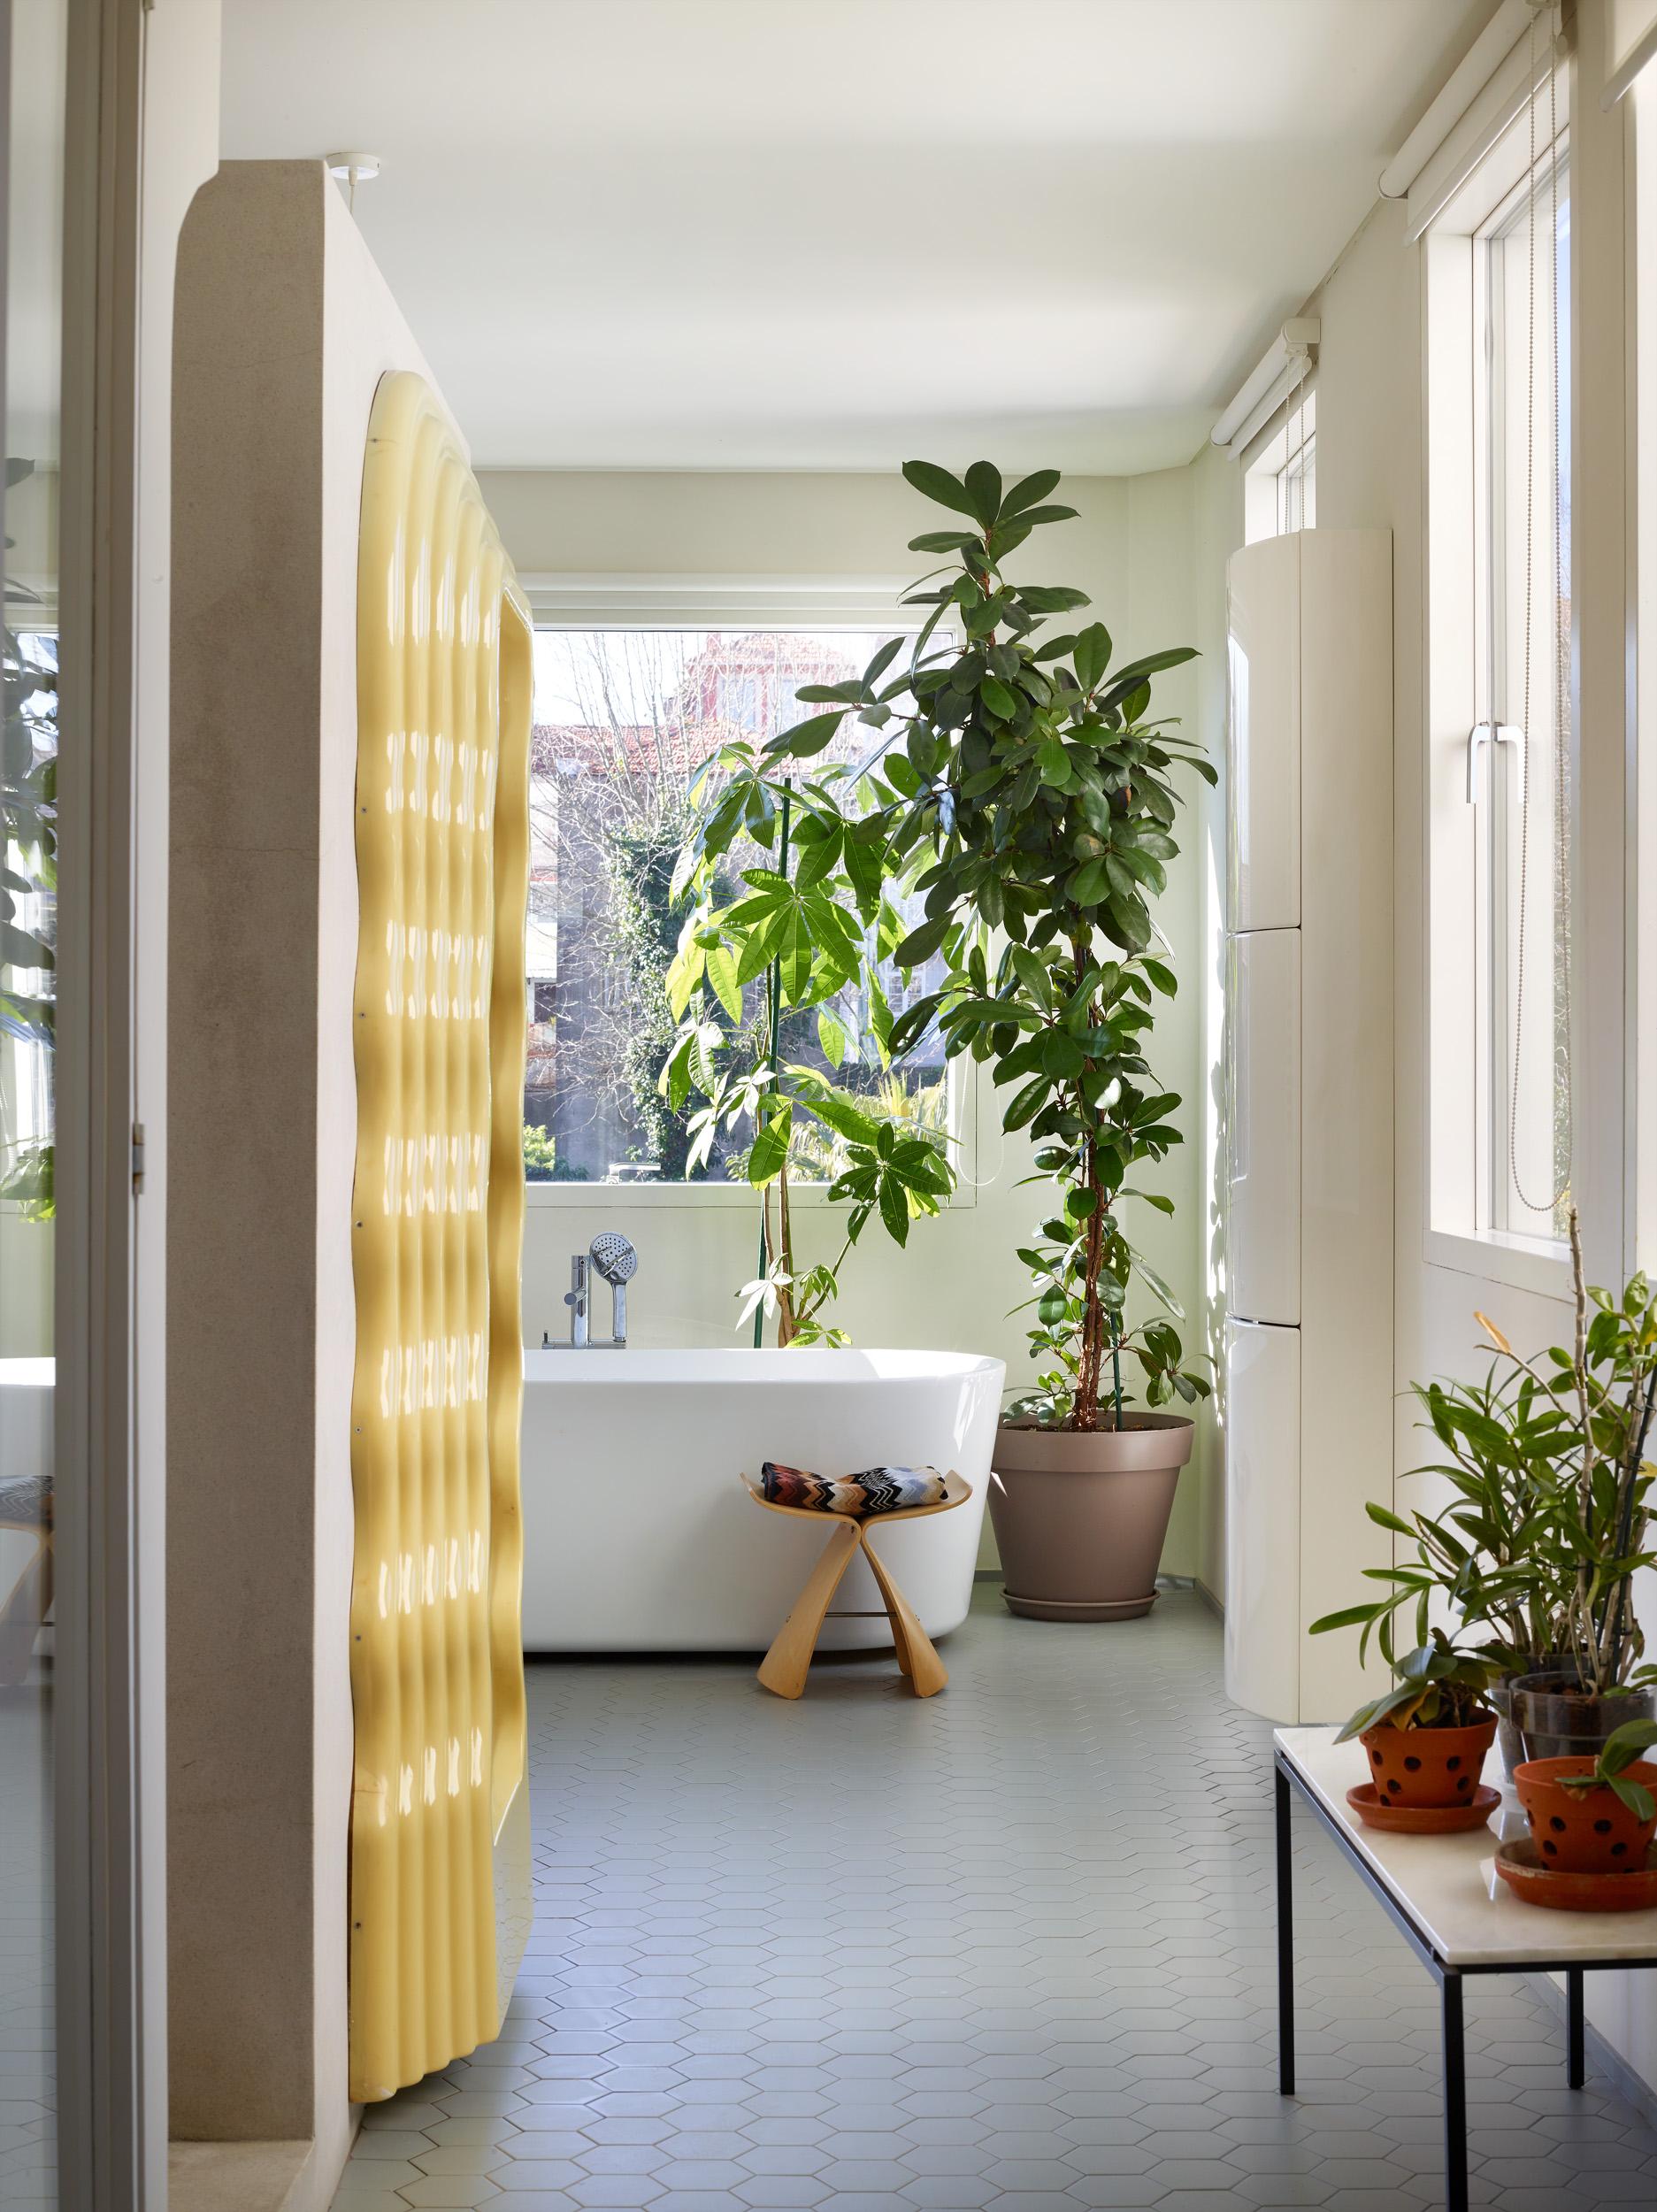 rachael-smith-interiors-14122019-028